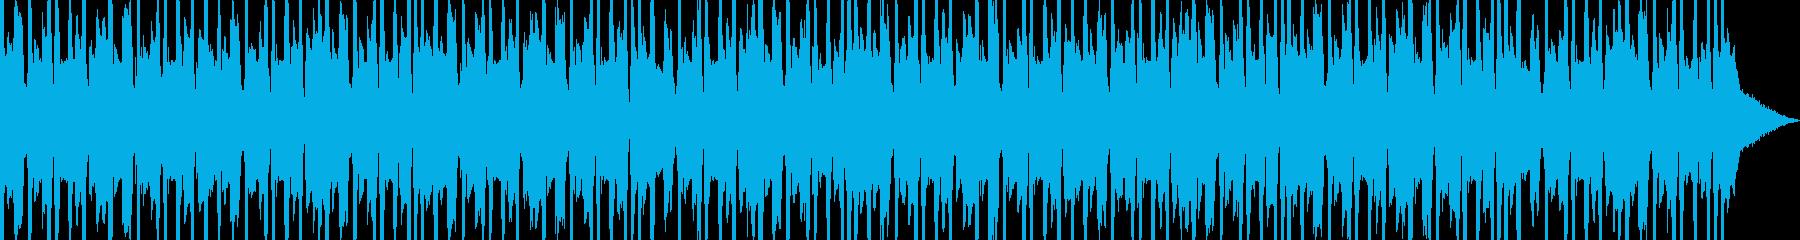 レトロで奇妙な雰囲気のテクノBGMの再生済みの波形